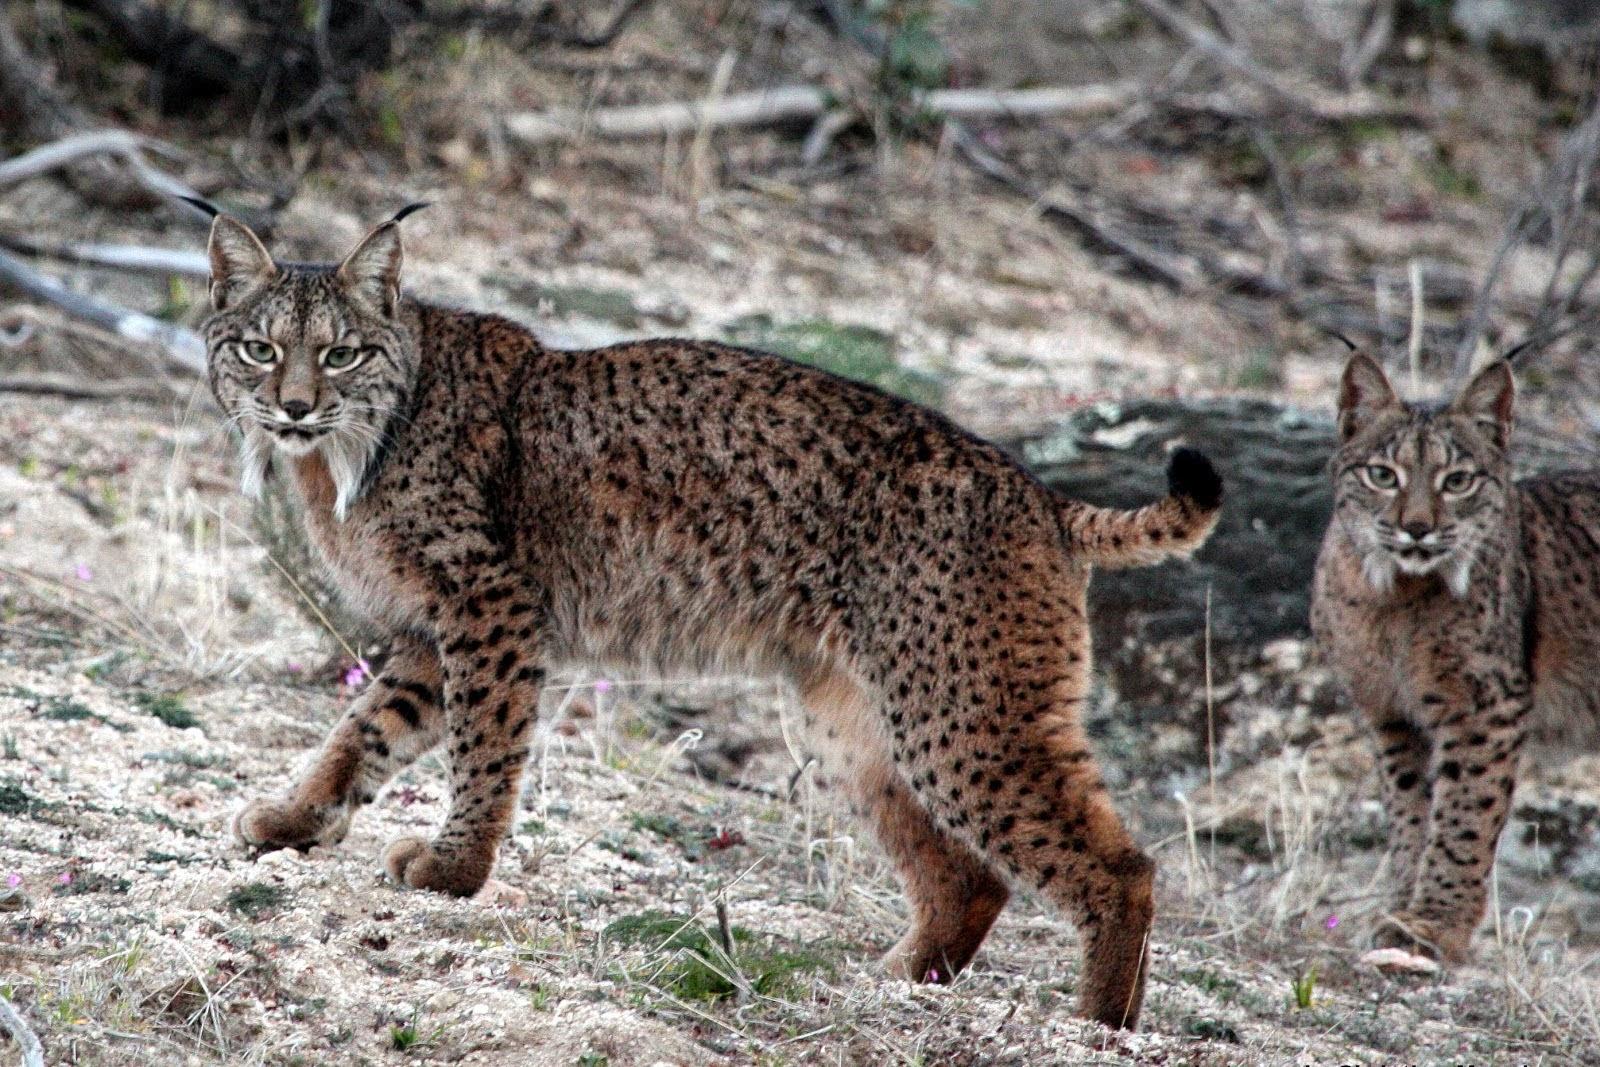 【石虎報報】棲息地遭破壞 伊比利亞猞猁瀕絕 (石虎遠親有危險!) - 石虎抱抱 Hug Taiwan Leopard Cat